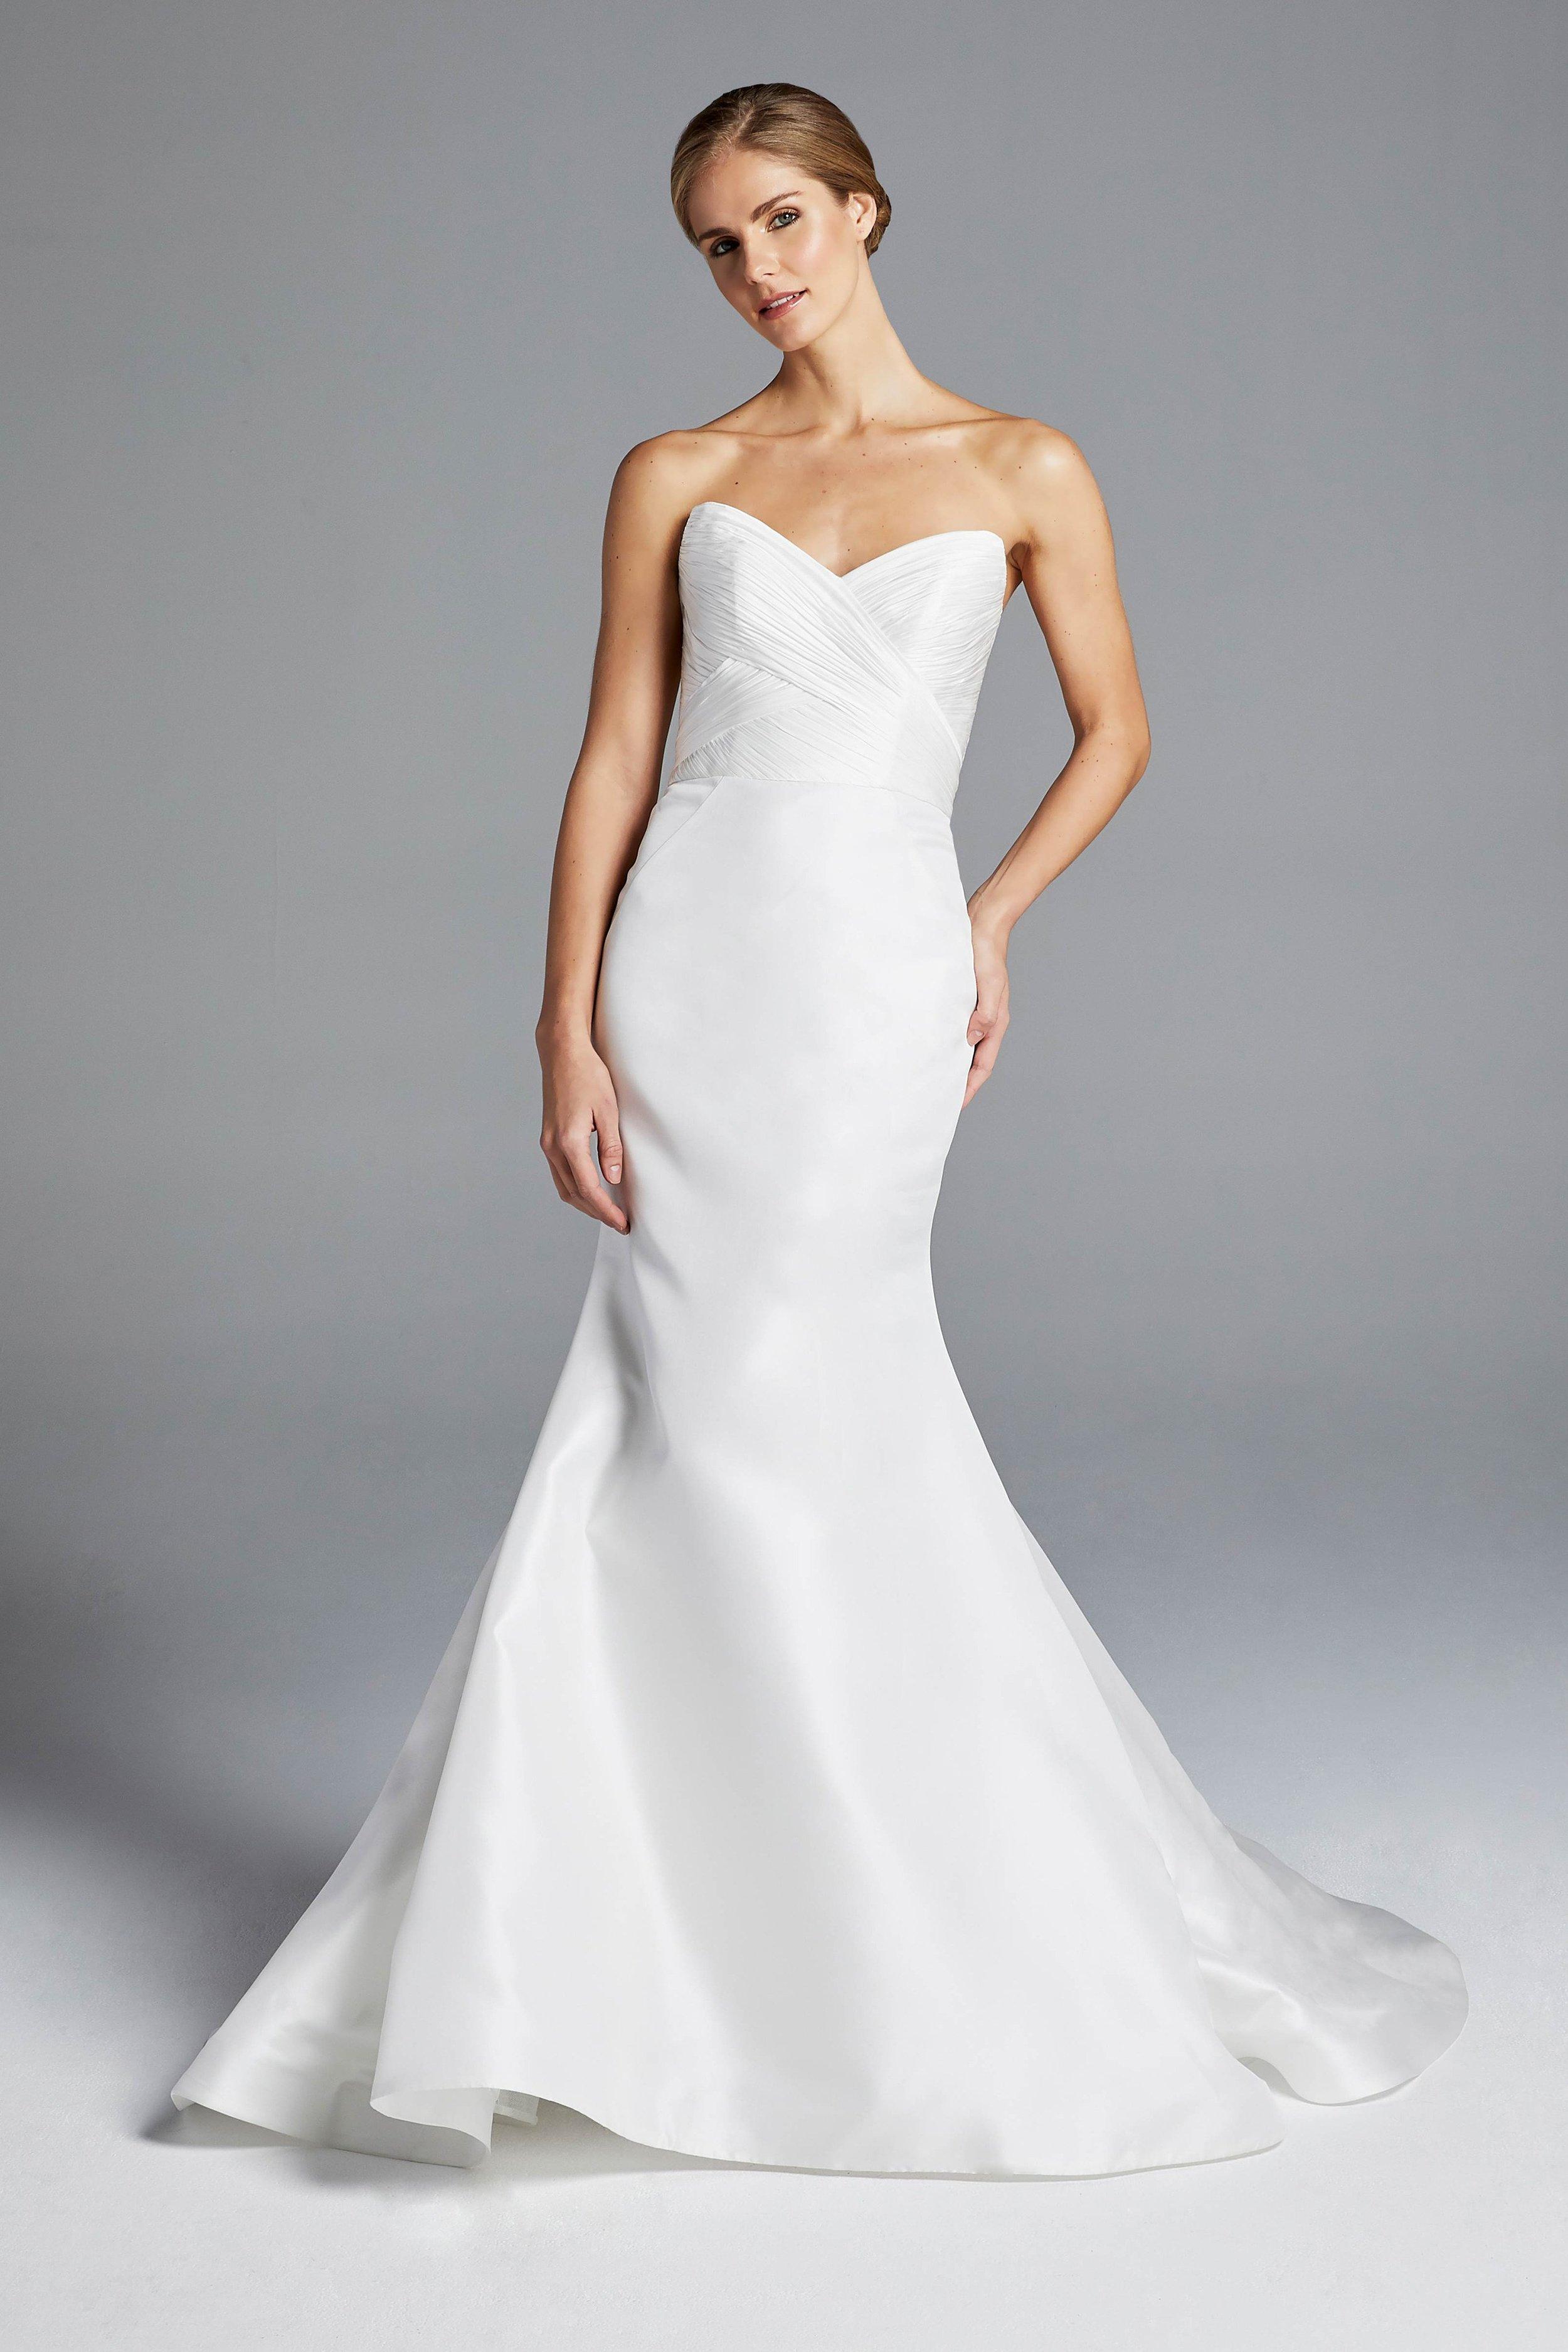 AB_AMAL_FRONT_VOGUE-spring-2019-bridal.jpg